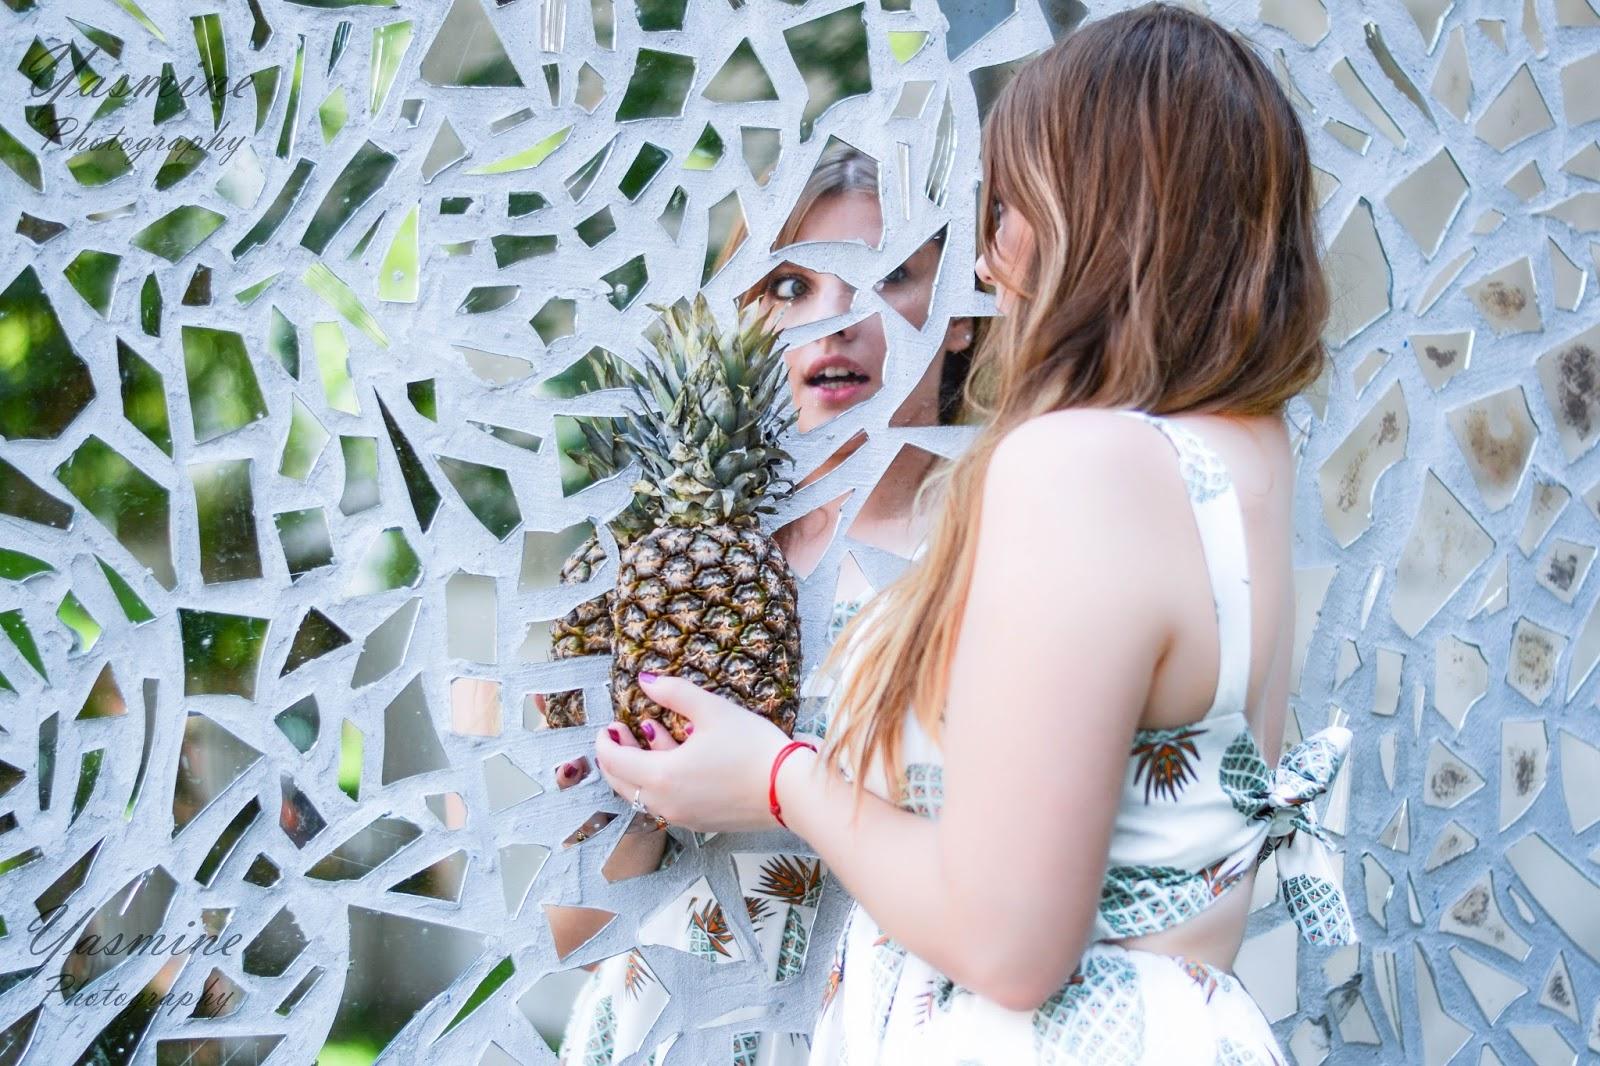 czy warto kupowac na stronach chińskich sklepów zaful sammydress dresslink sukienka w ananasy chińskie sklepy internetowe jakość pineapple dress fashion style melodylaniella pasaż róży